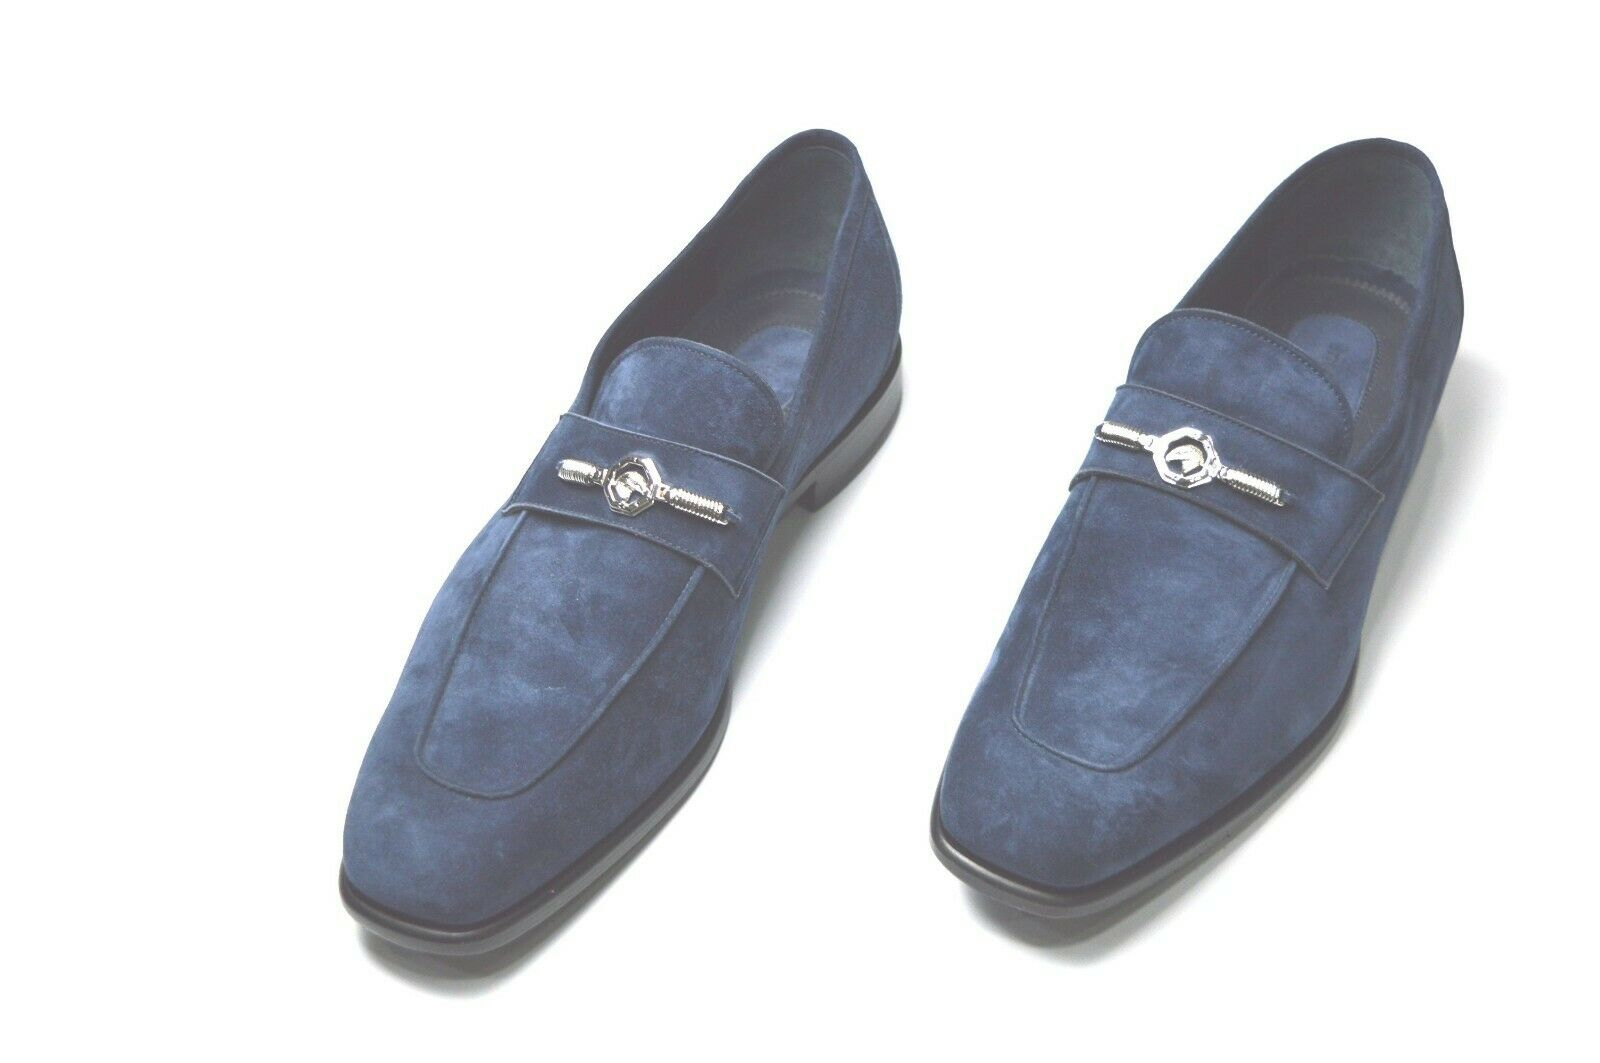 Nouveau STEFANO RICCI Mocassins Logo Luxe Chaussures Taille Eu 41 Uk 7 Us 8 (A455)